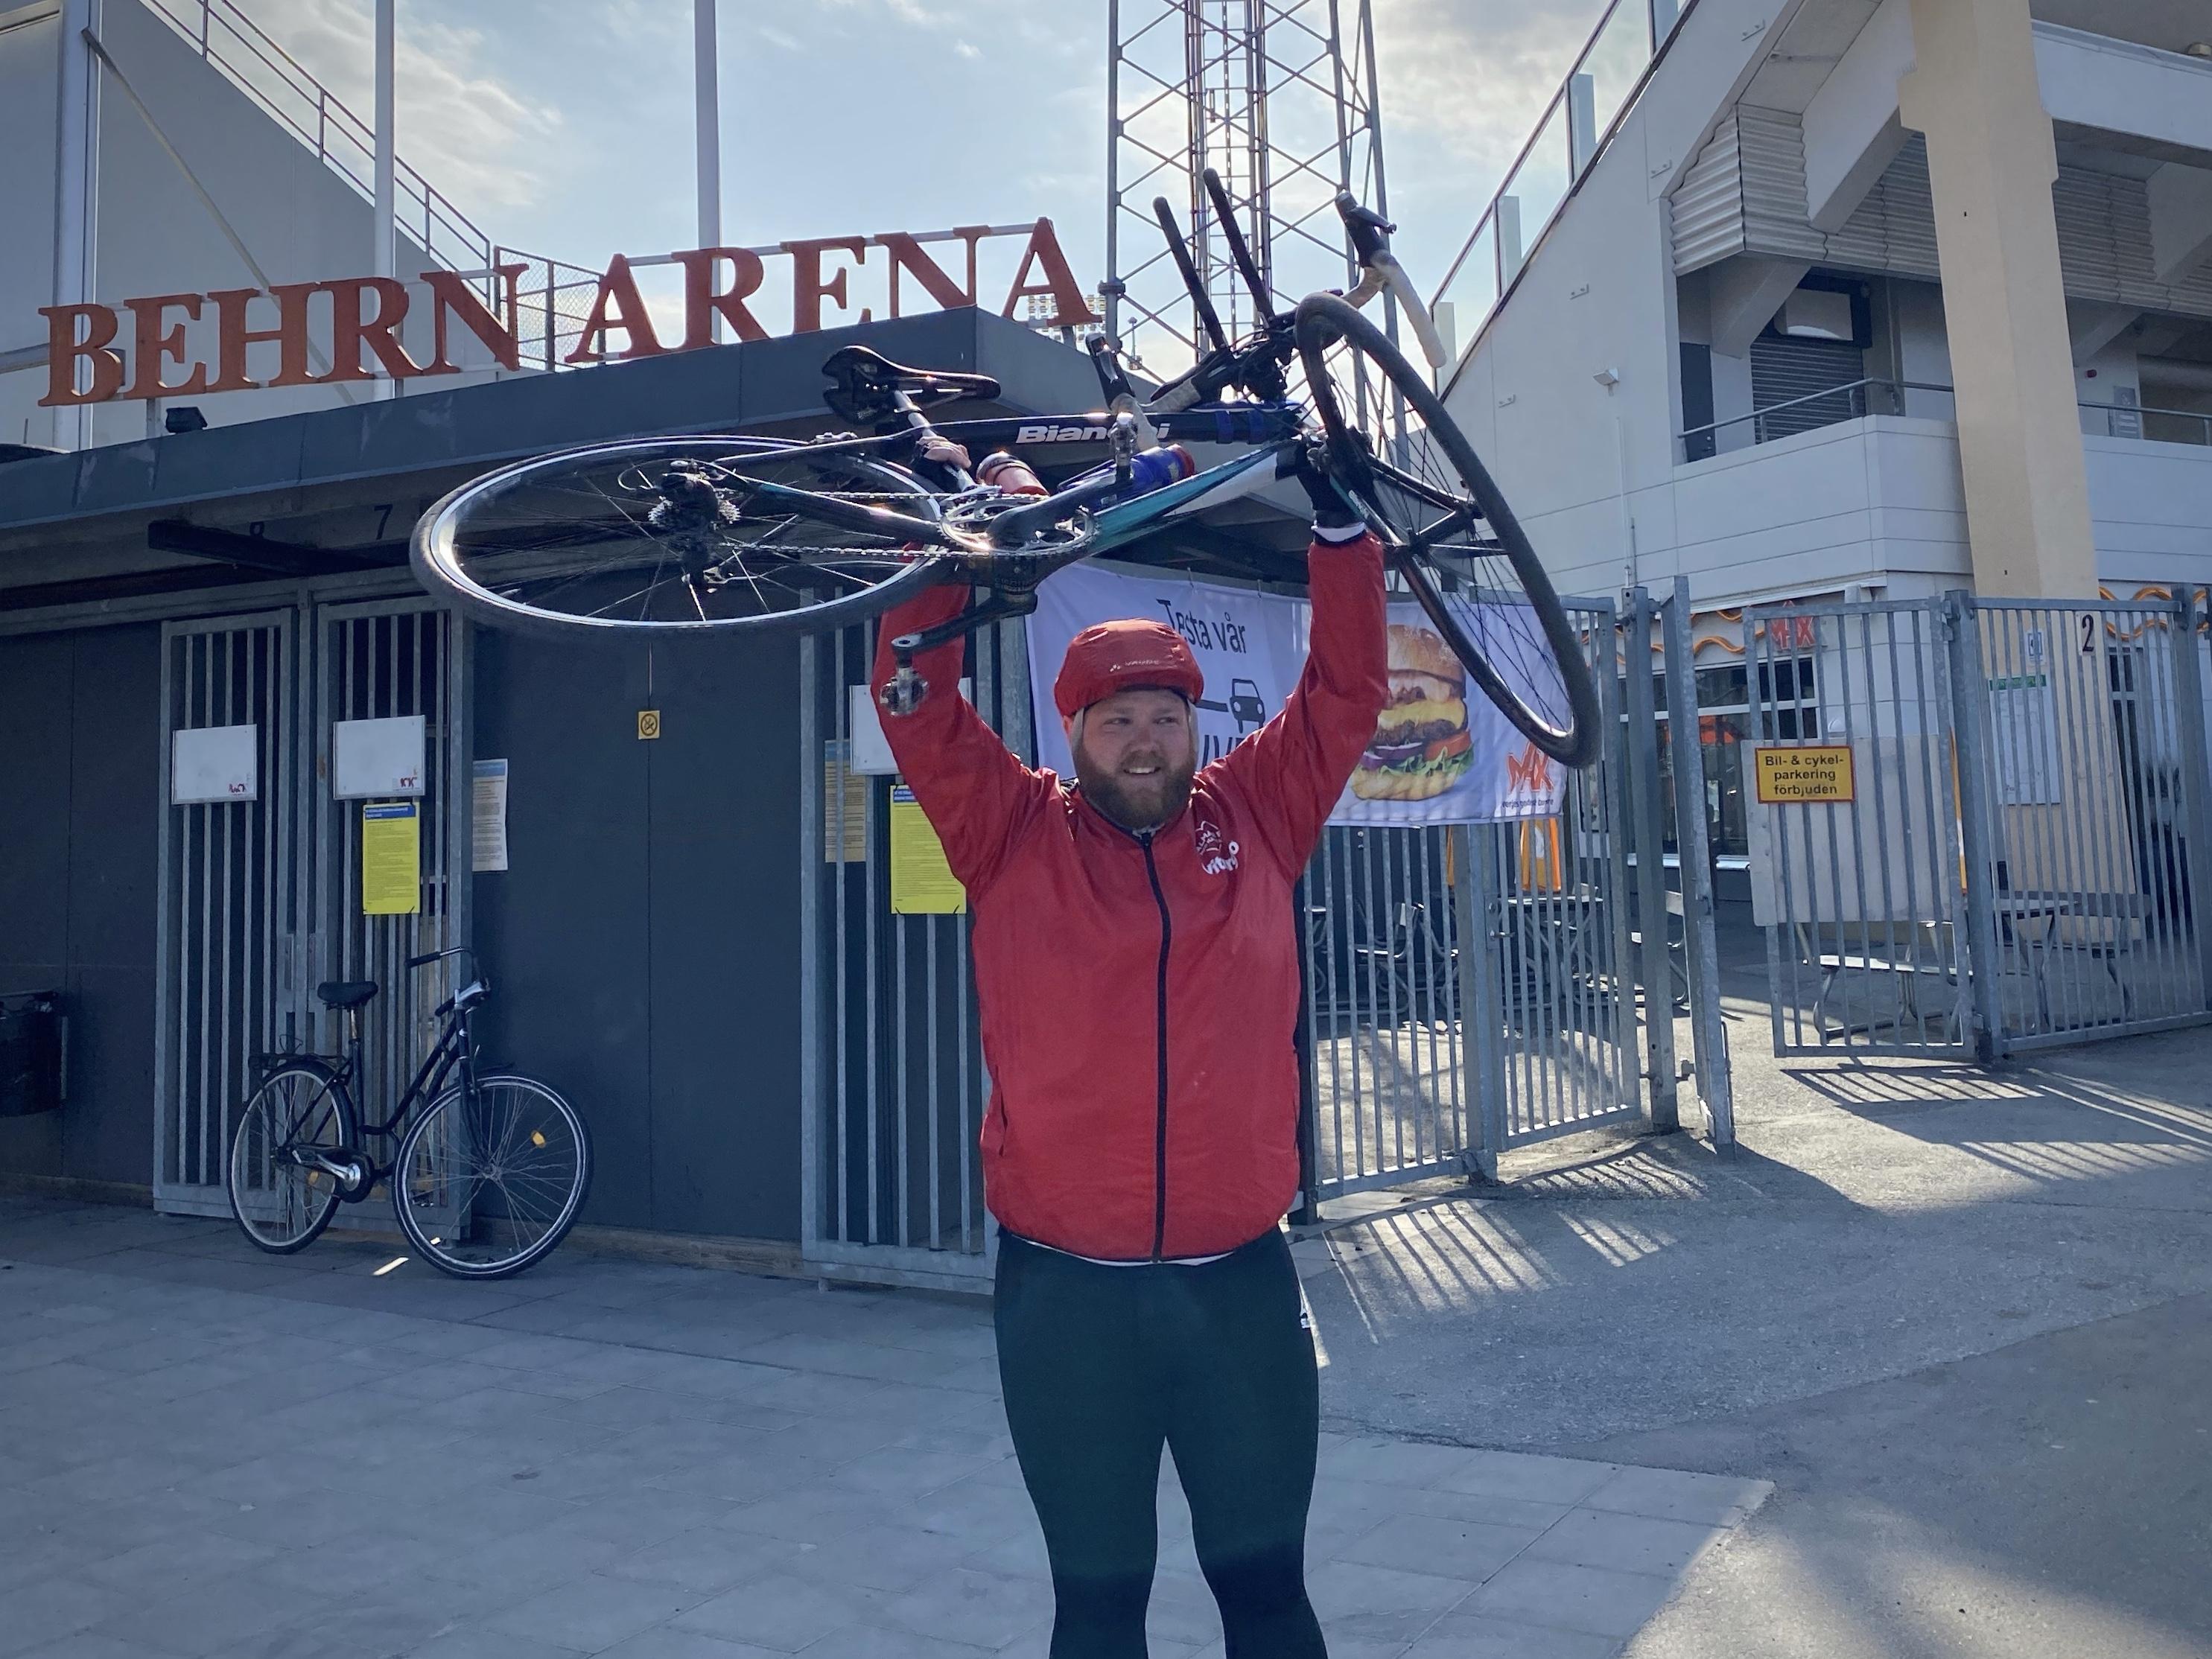 Fotbollssupportern Måns Linge med cykeln över huvudet efter att ha nått Örebro.